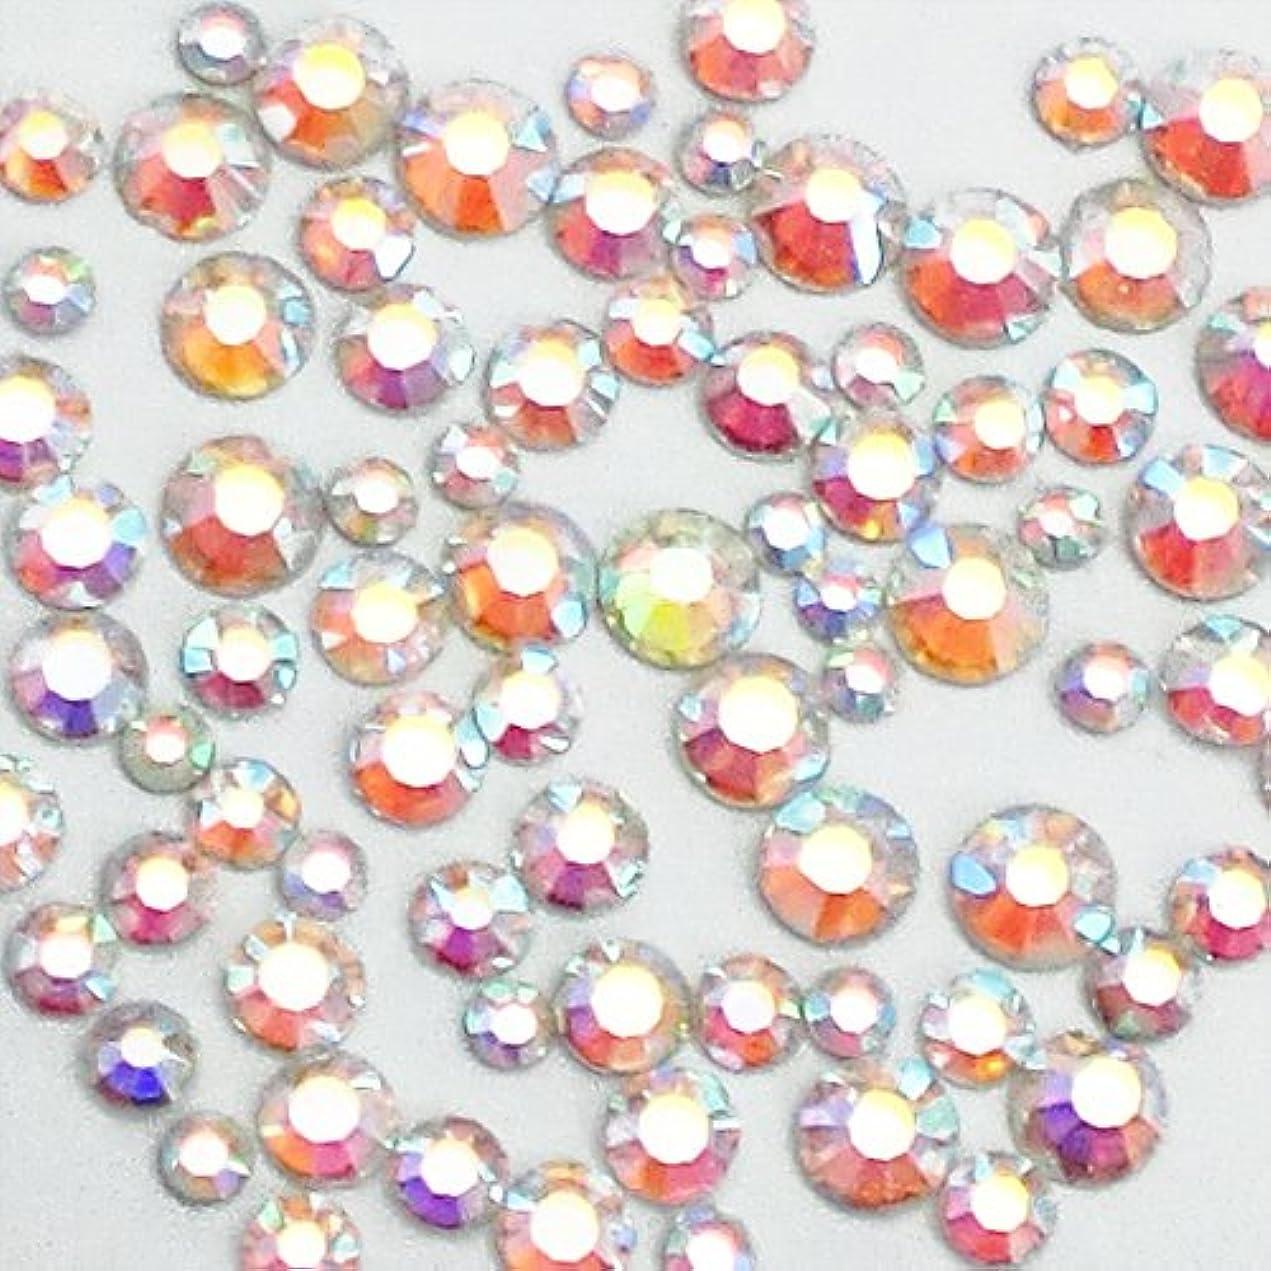 イチゴ違うアッパー高級ガラスストーン サイズMIX オーロラ